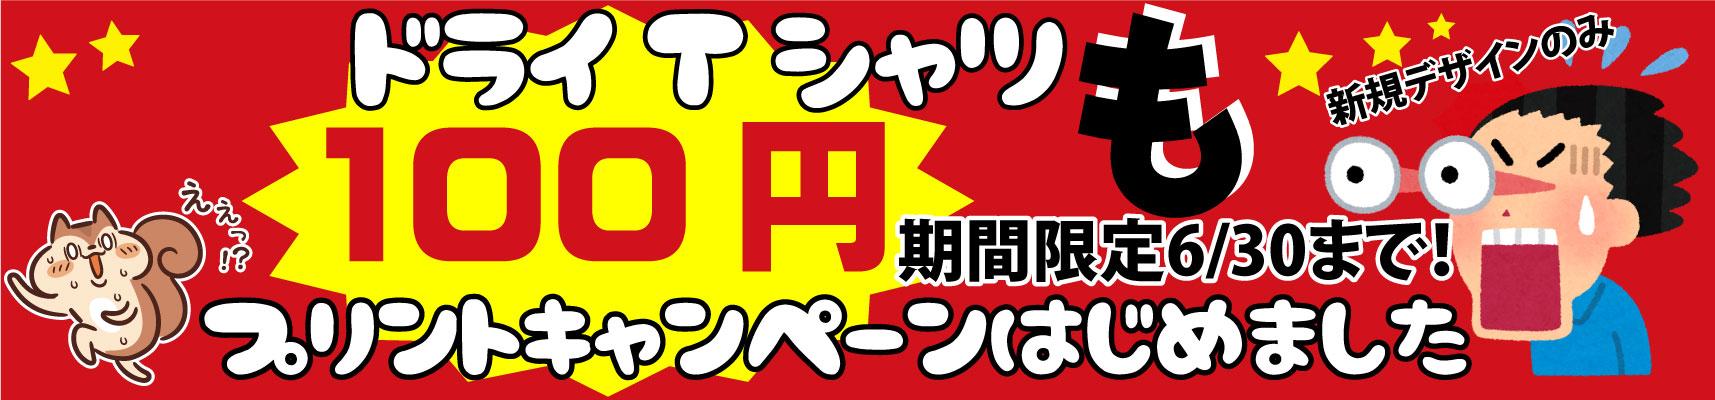 ドライTシャツも100円プリントはじめました!